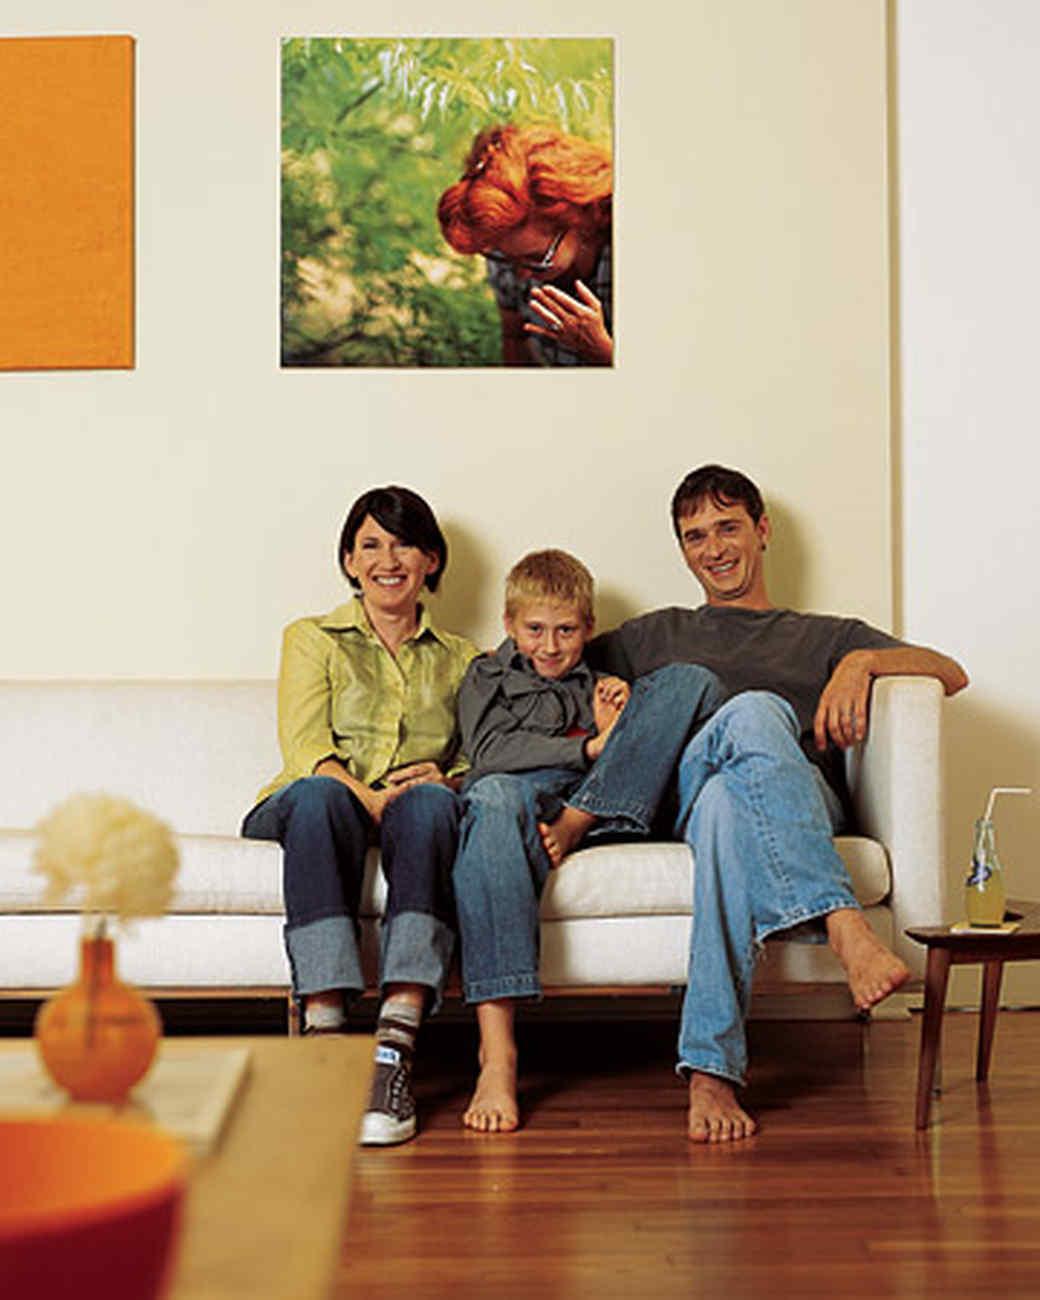 mpa102490_0307_family.jpg